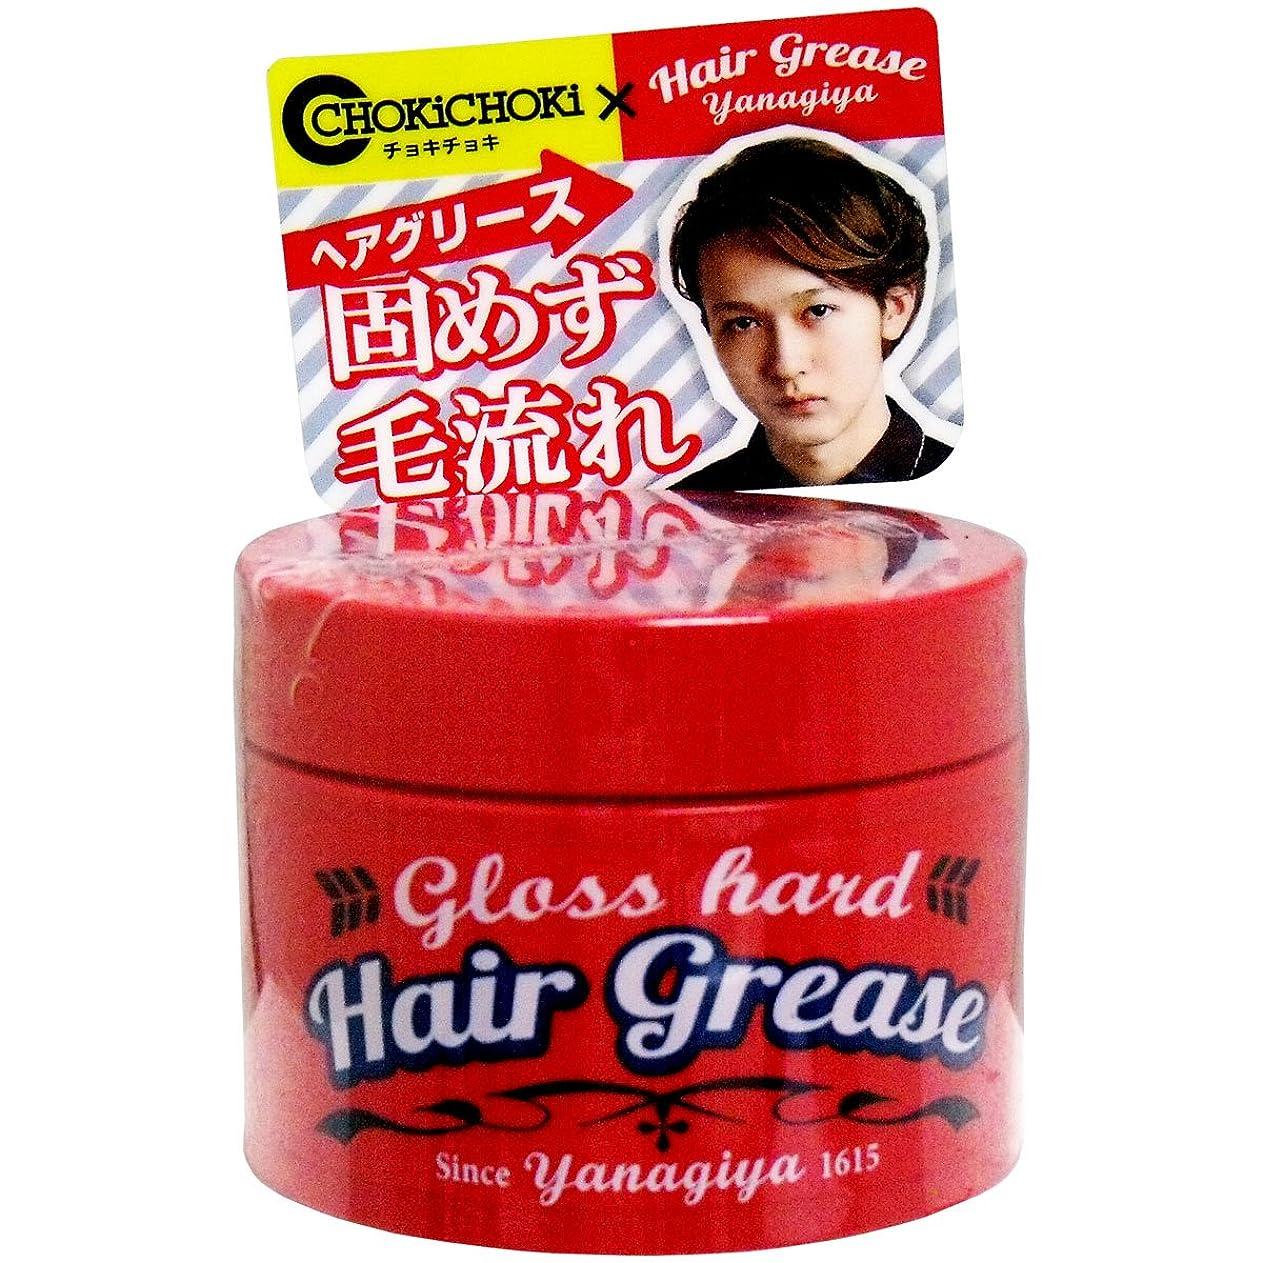 影響するリップ社員ヘアワックス 固めず毛流れ 使いやすい YANAGIYA ヘアグリース グロスハード 90g入【2個セット】